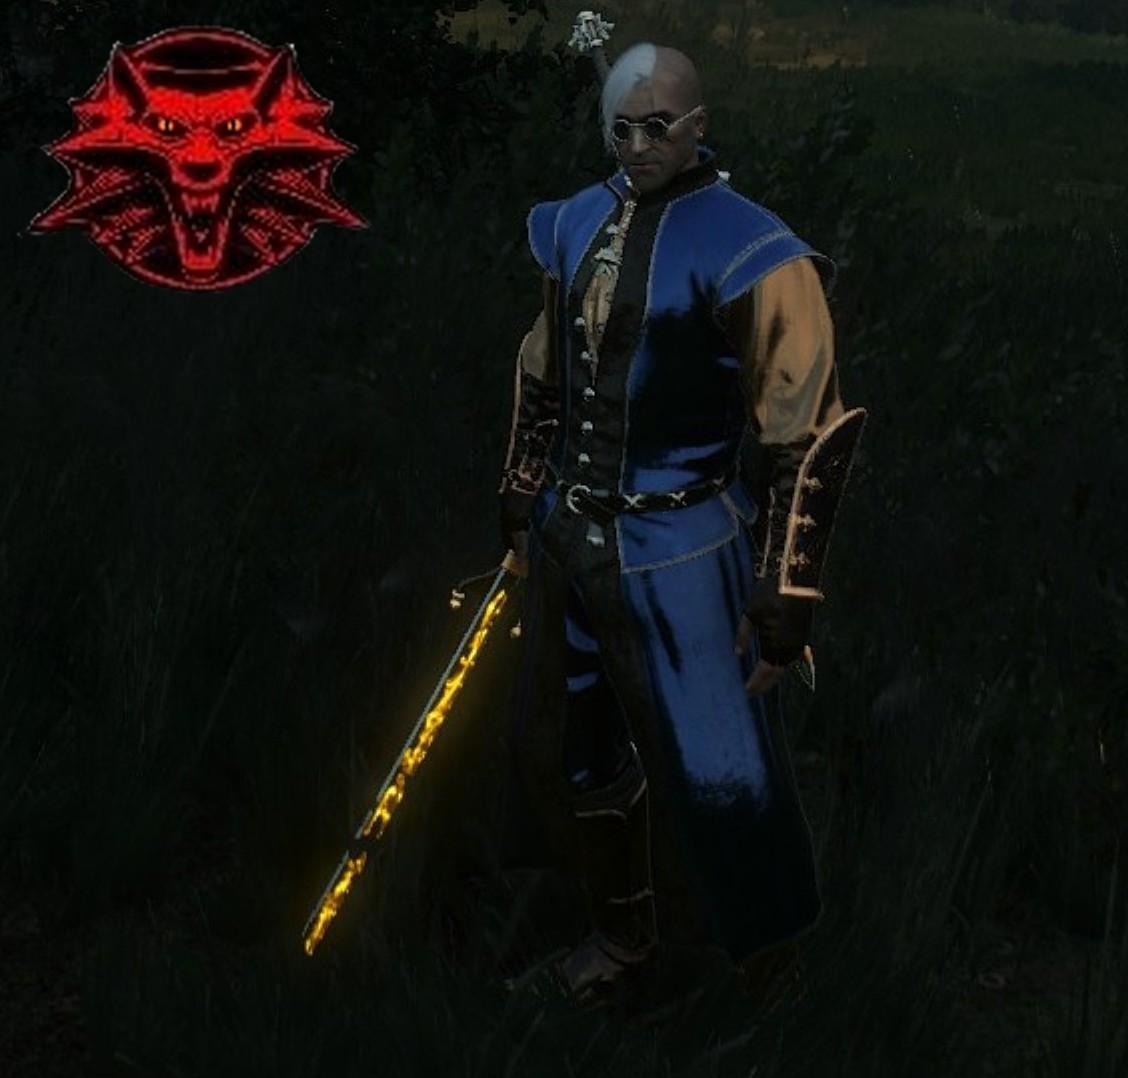 Офирское снаряжение.jpg - Witcher 3: Wild Hunt, the